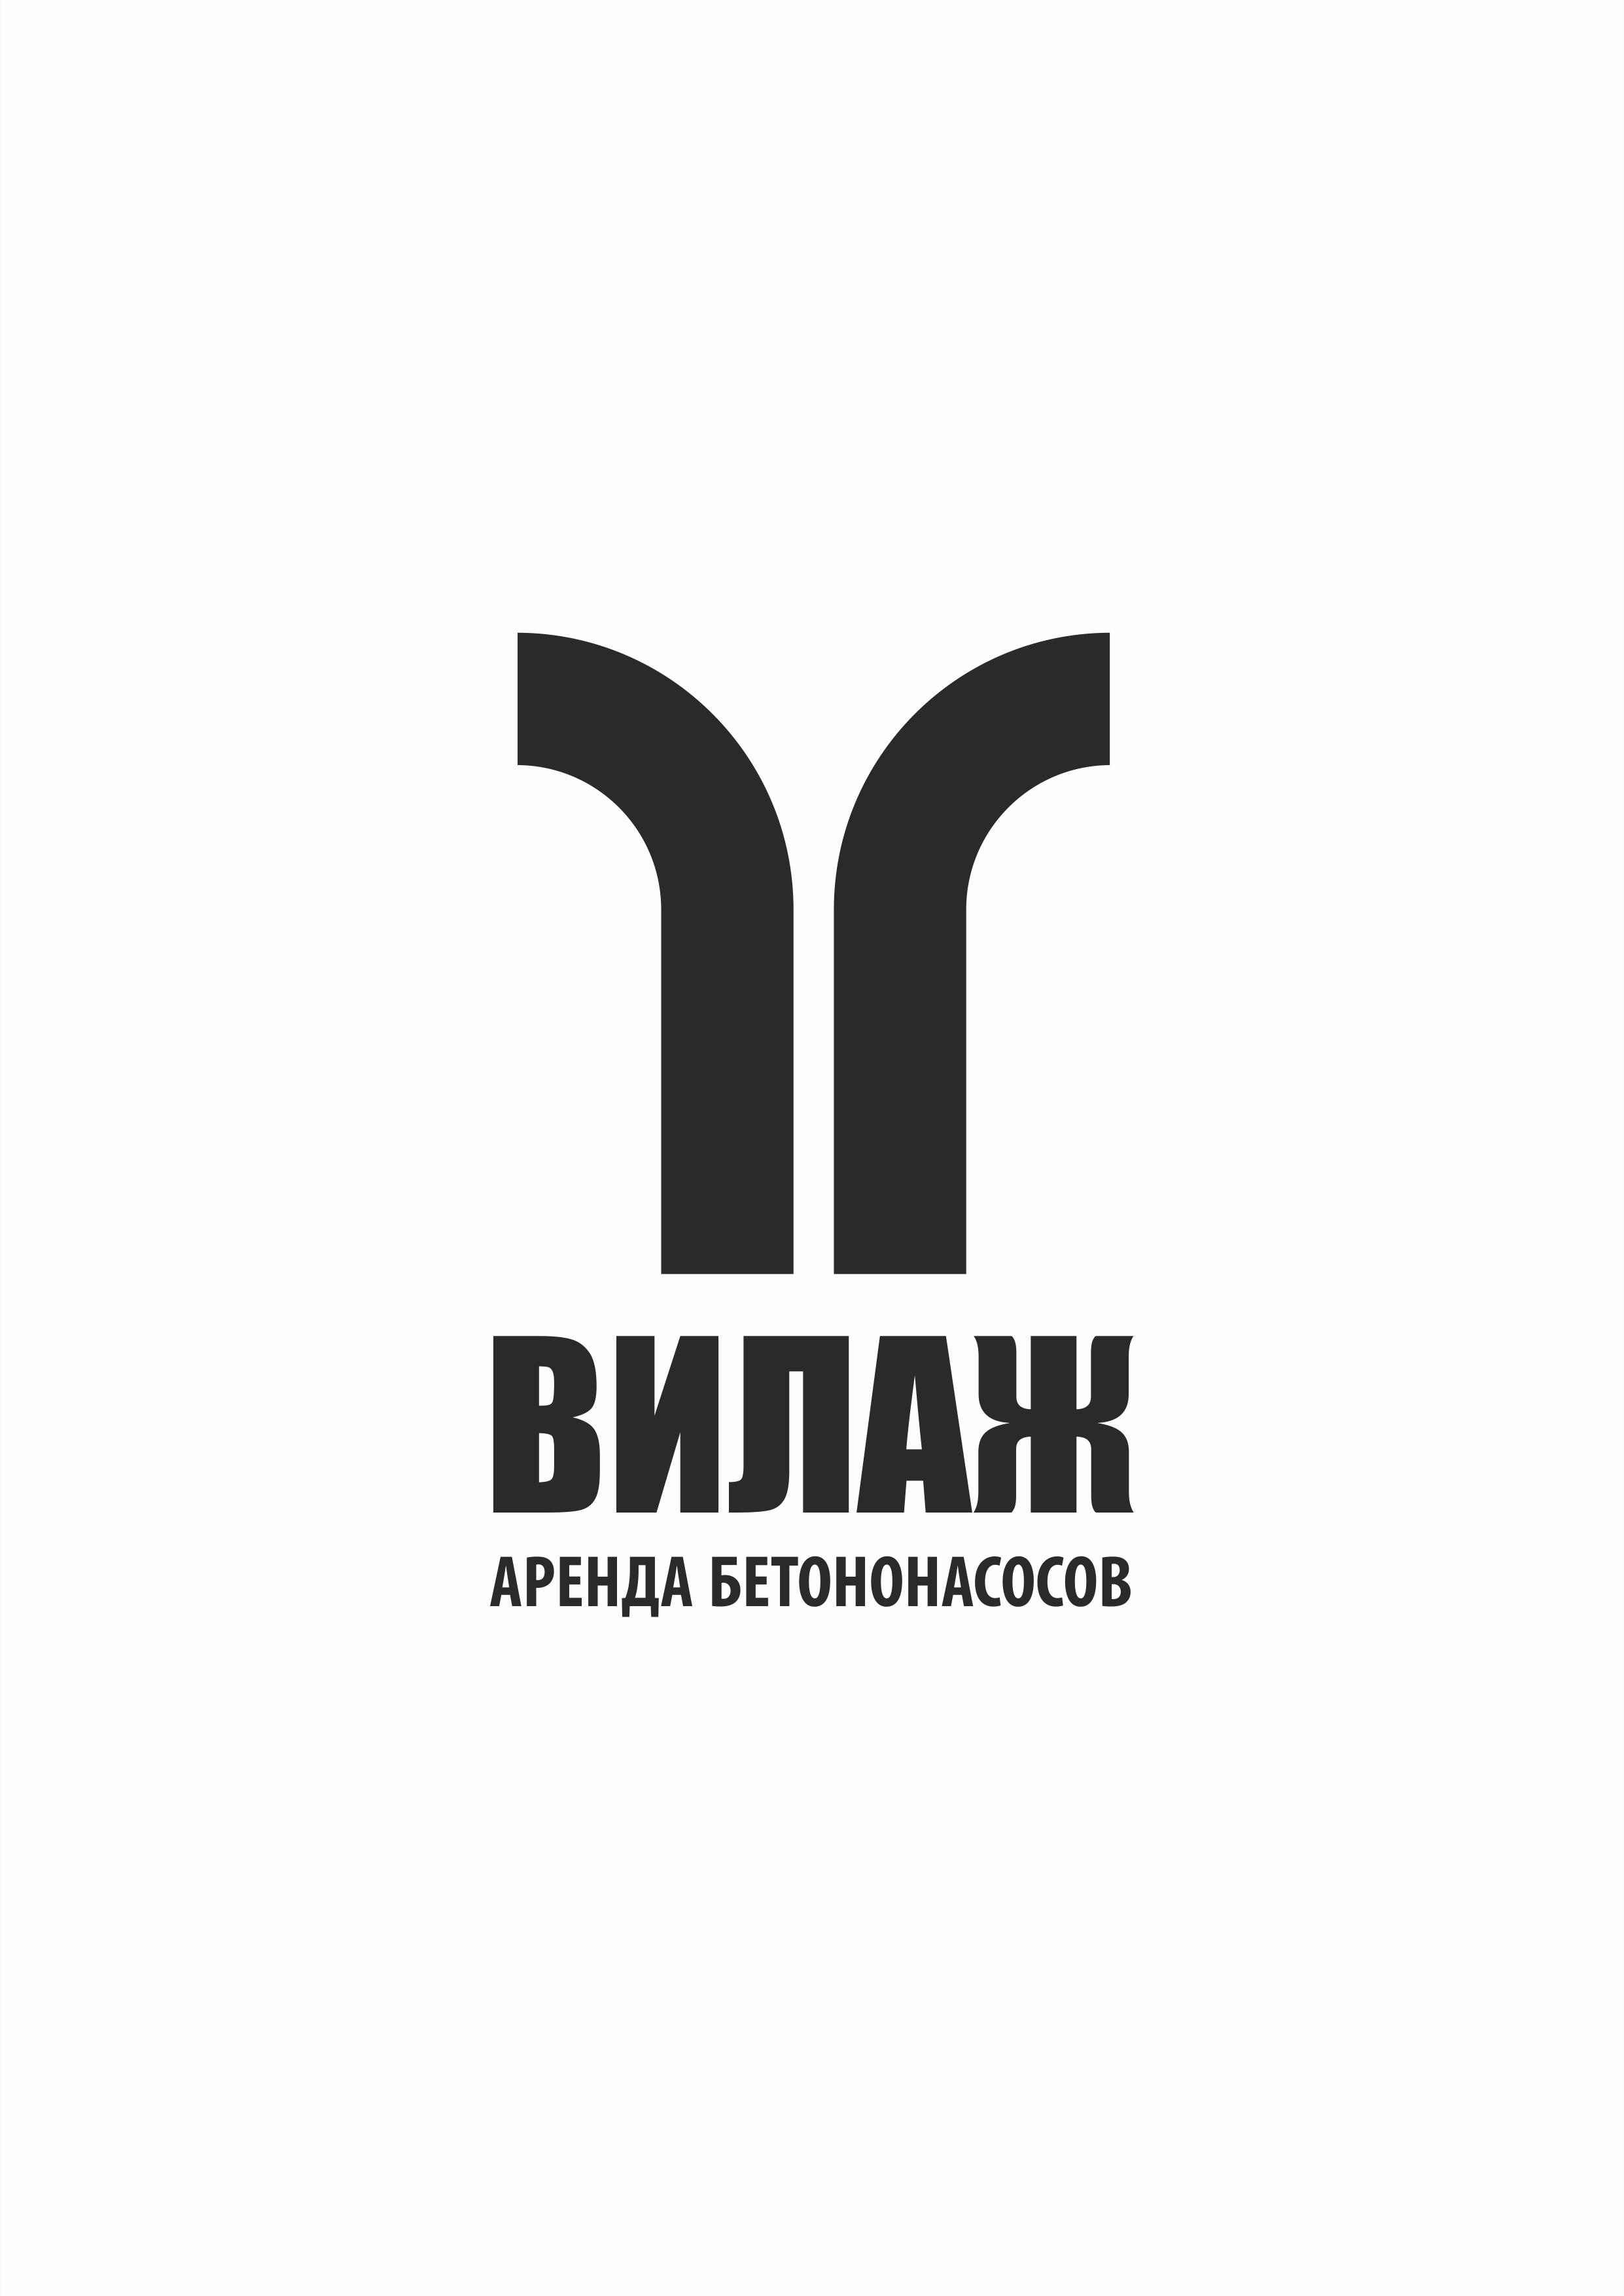 Логотип для компании по аренде спец.техники фото f_3135991f8d002111.png